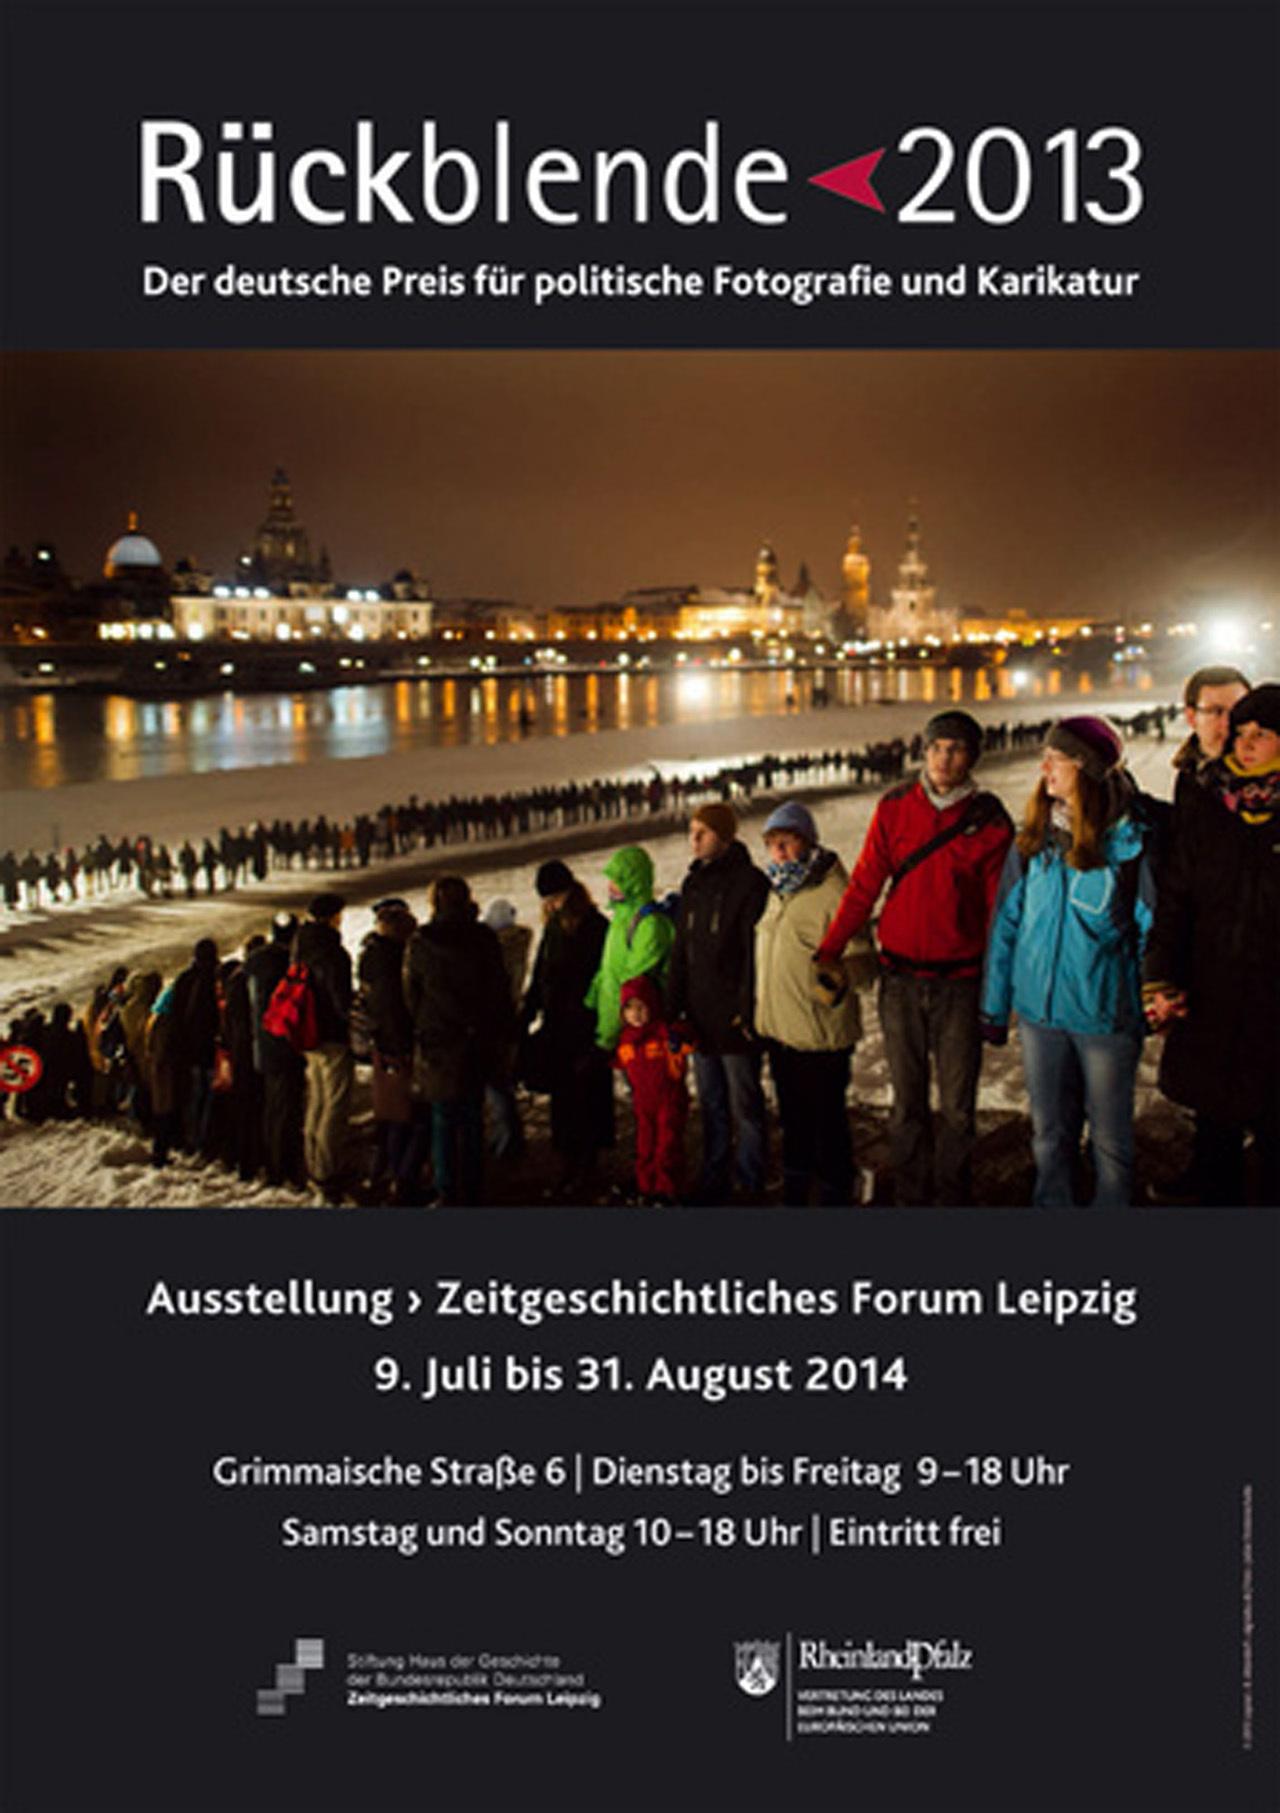 Ausstellungsplakat Rückblende 2013. Der deutsche Preis für politische Fotografie und Karikatur